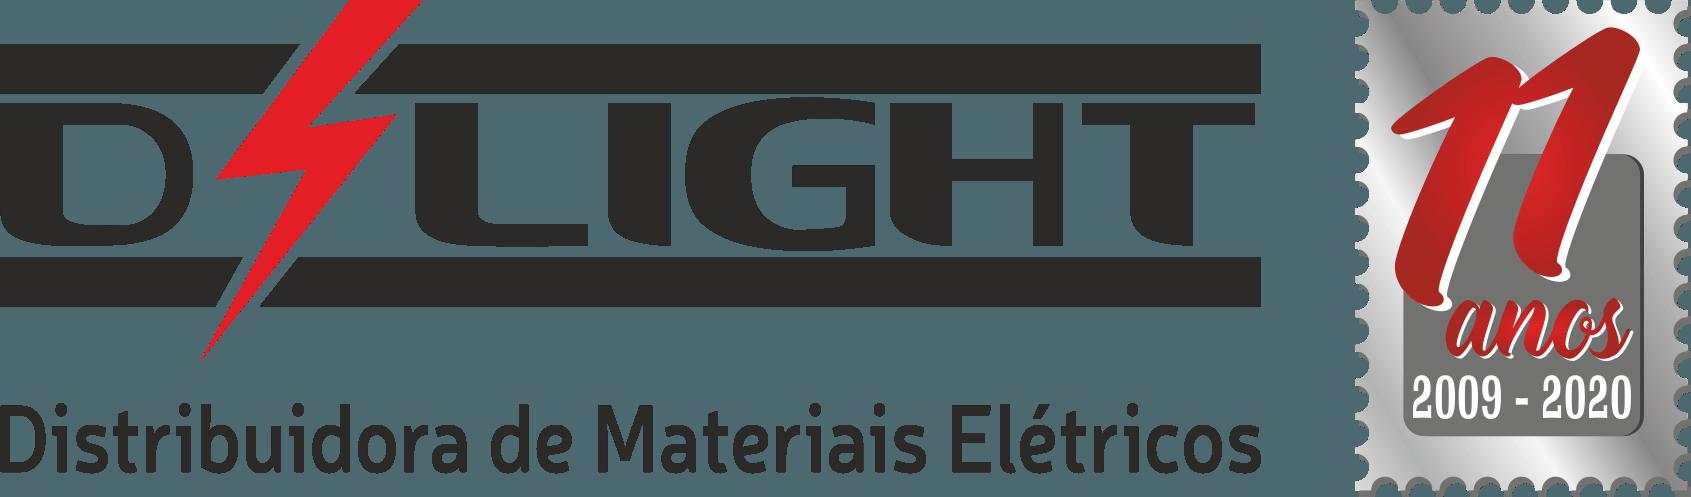 DLight - Distribuidoras de Materiais Elétricos